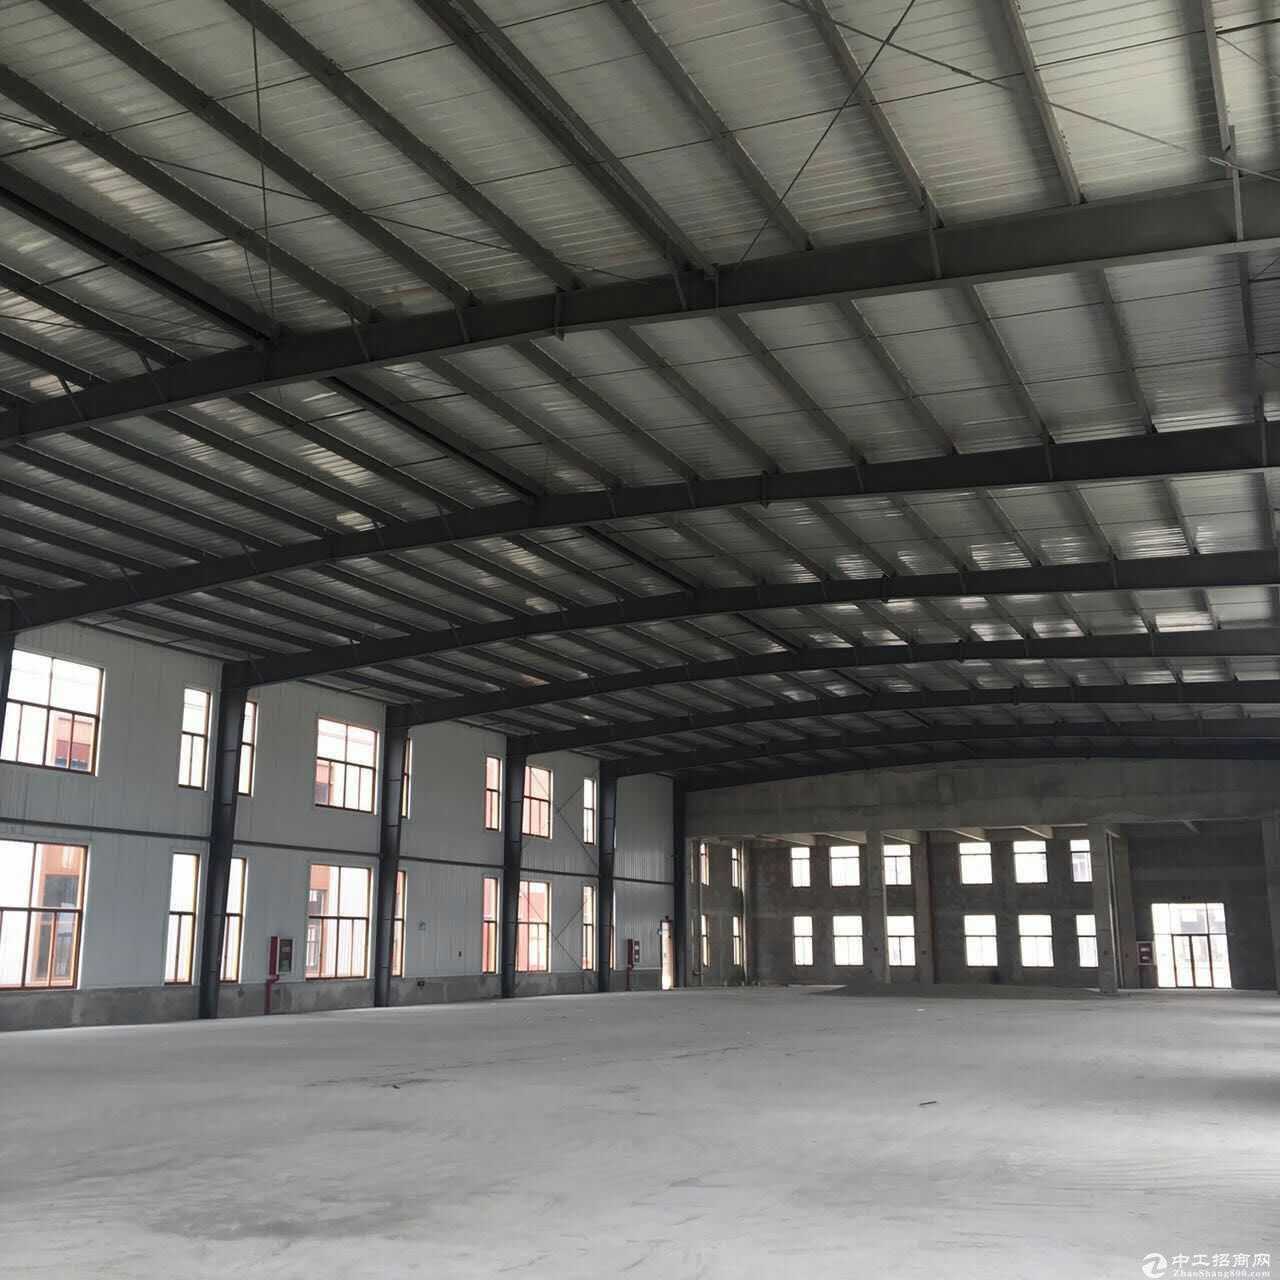 出售园区独栋3795平钢构10米层高厂房,有牛腿,50年独立产权,高速口旁